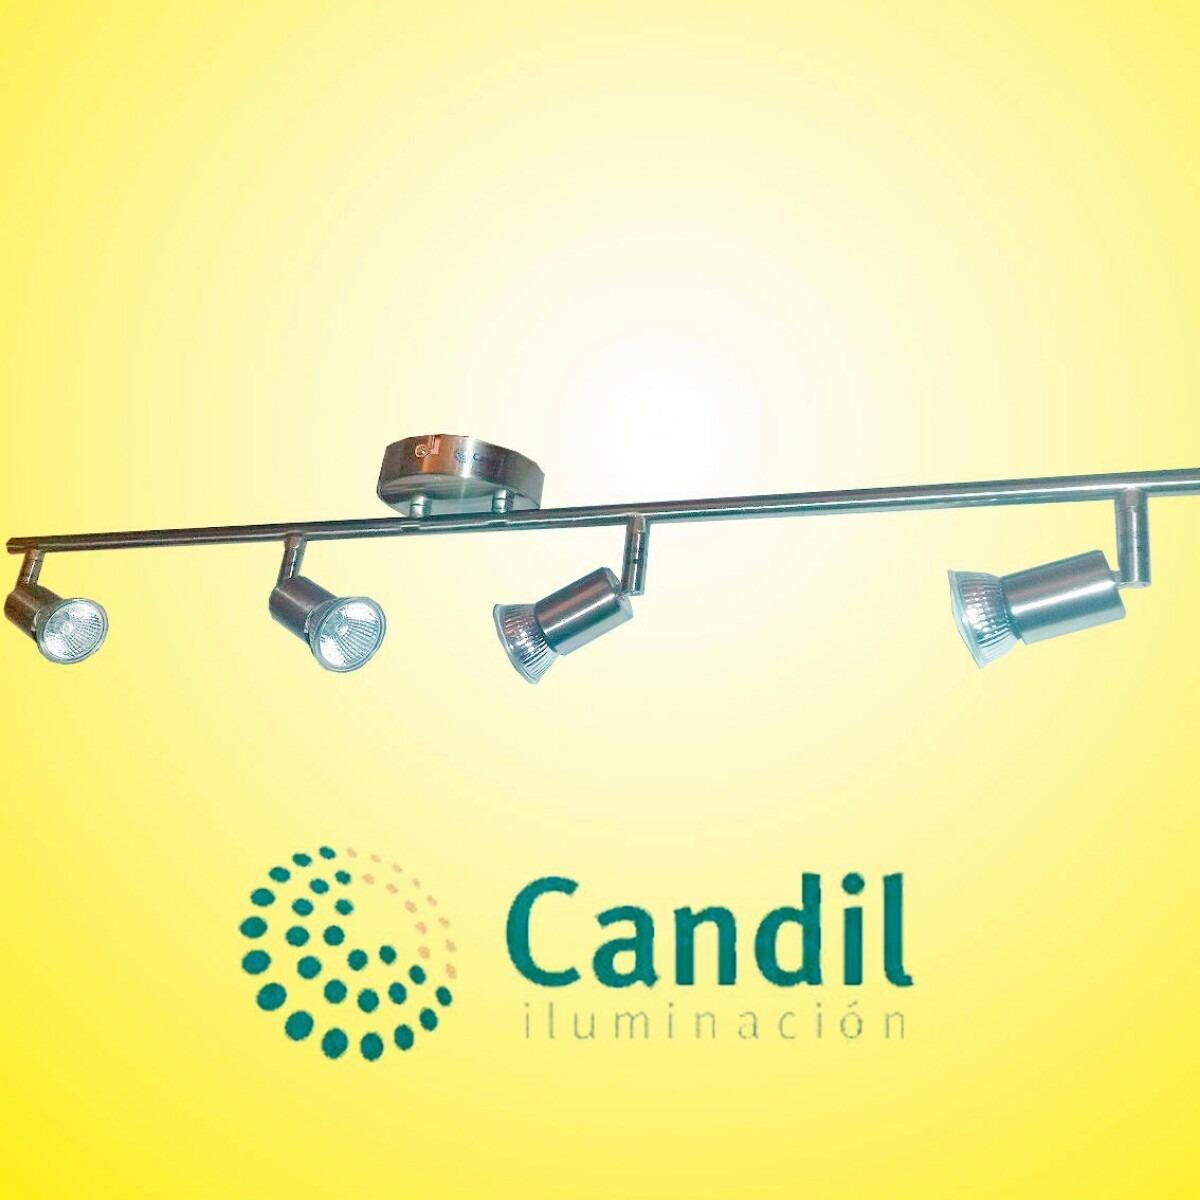 Aplique barral 4 luces dicroicas 220v apto p led b - Luces dicroicas led ...